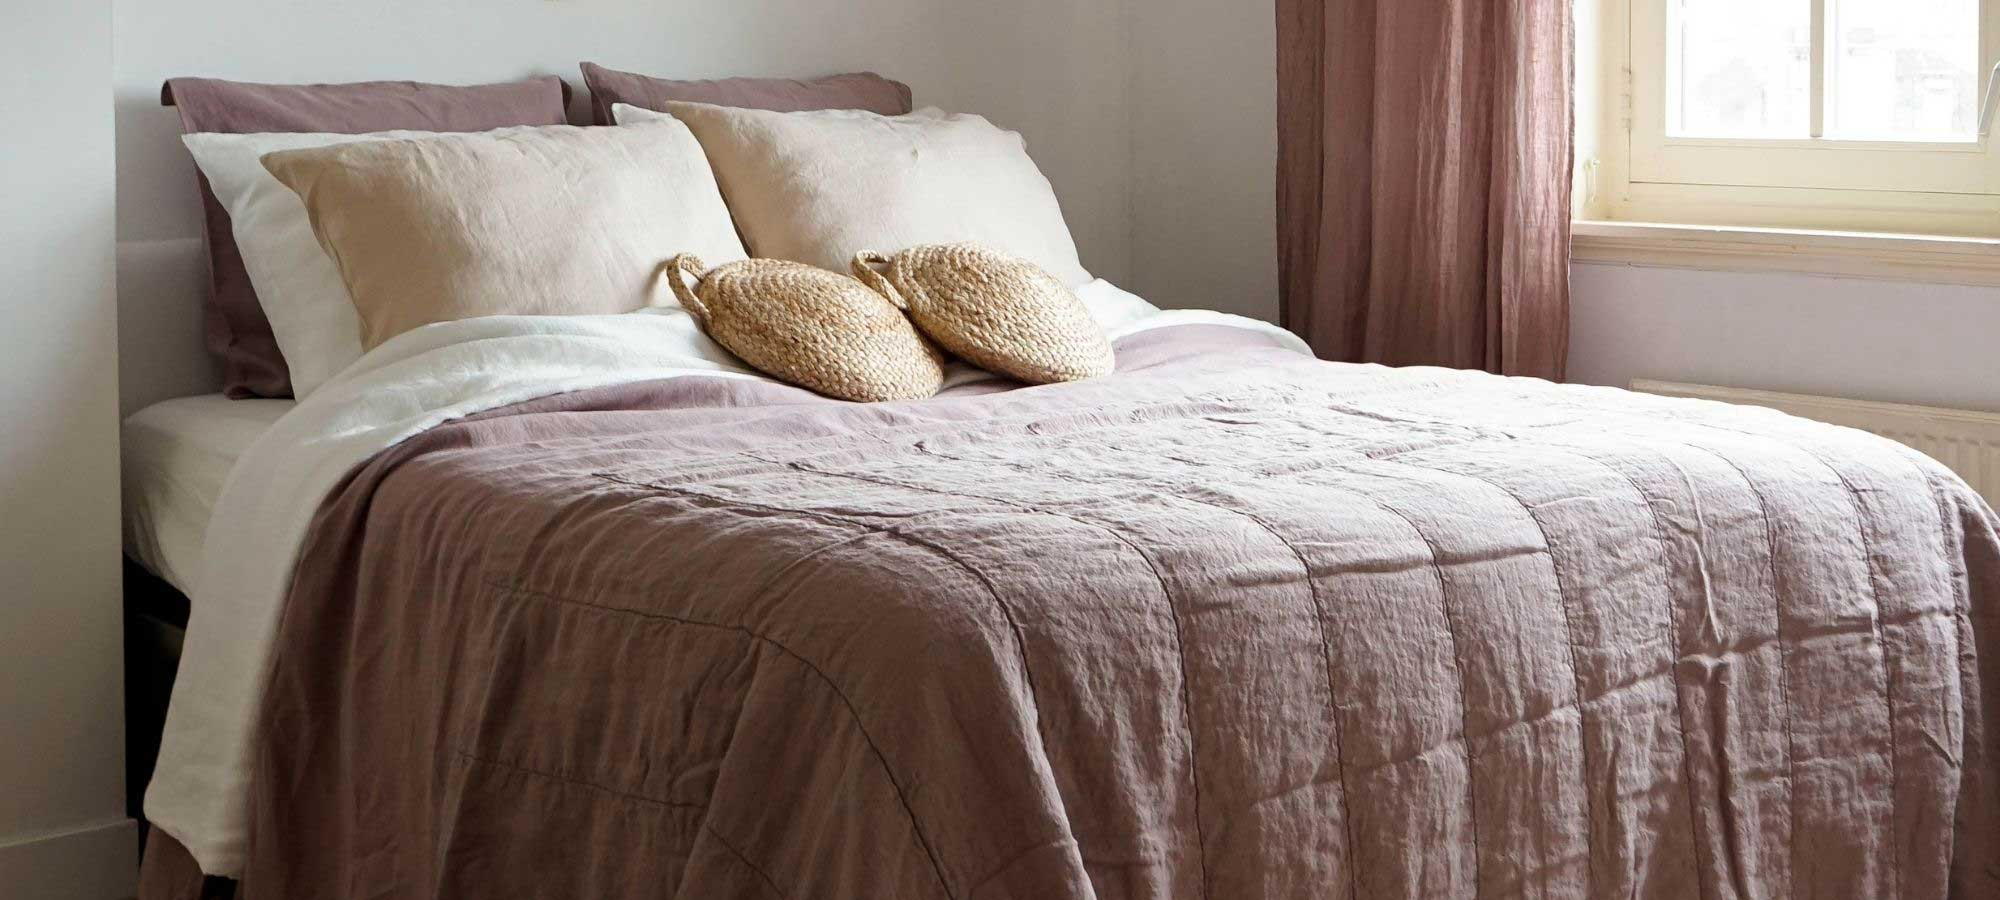 Premium kwaliteit linnen beddengoed voor de mooiste prijs – Casa Comodo